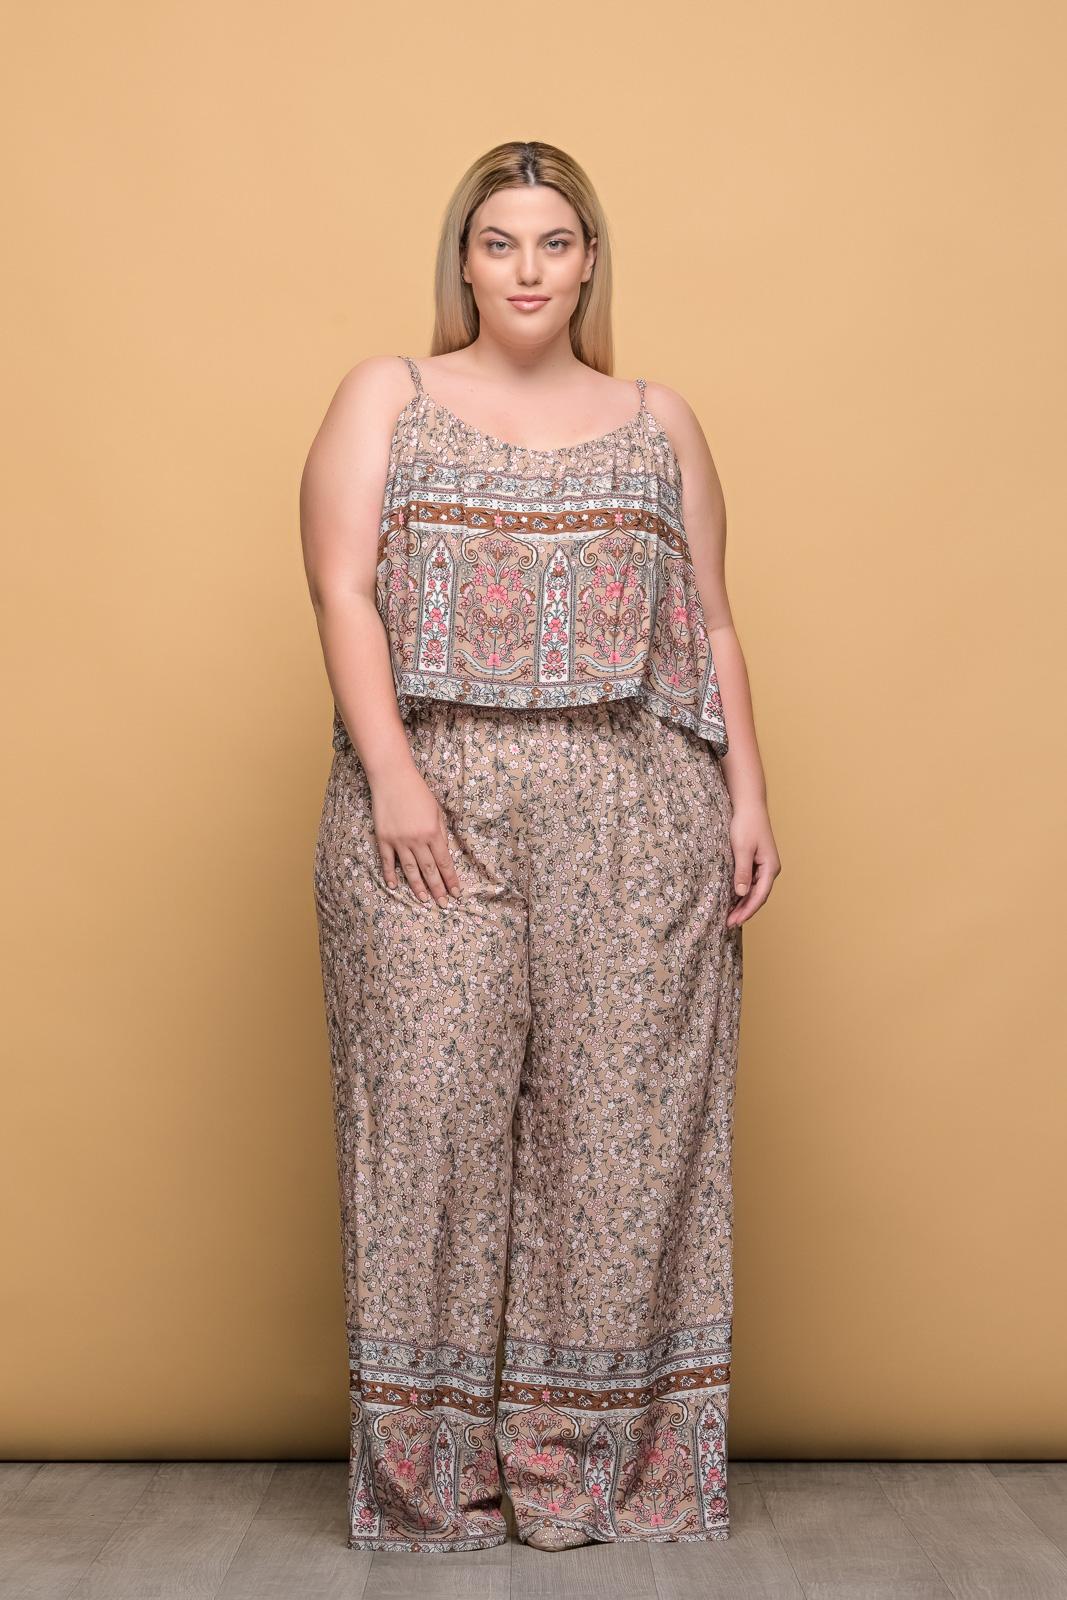 Ολόσωμη φόρμα μεγάλα μεγέθη floral/μπεζ